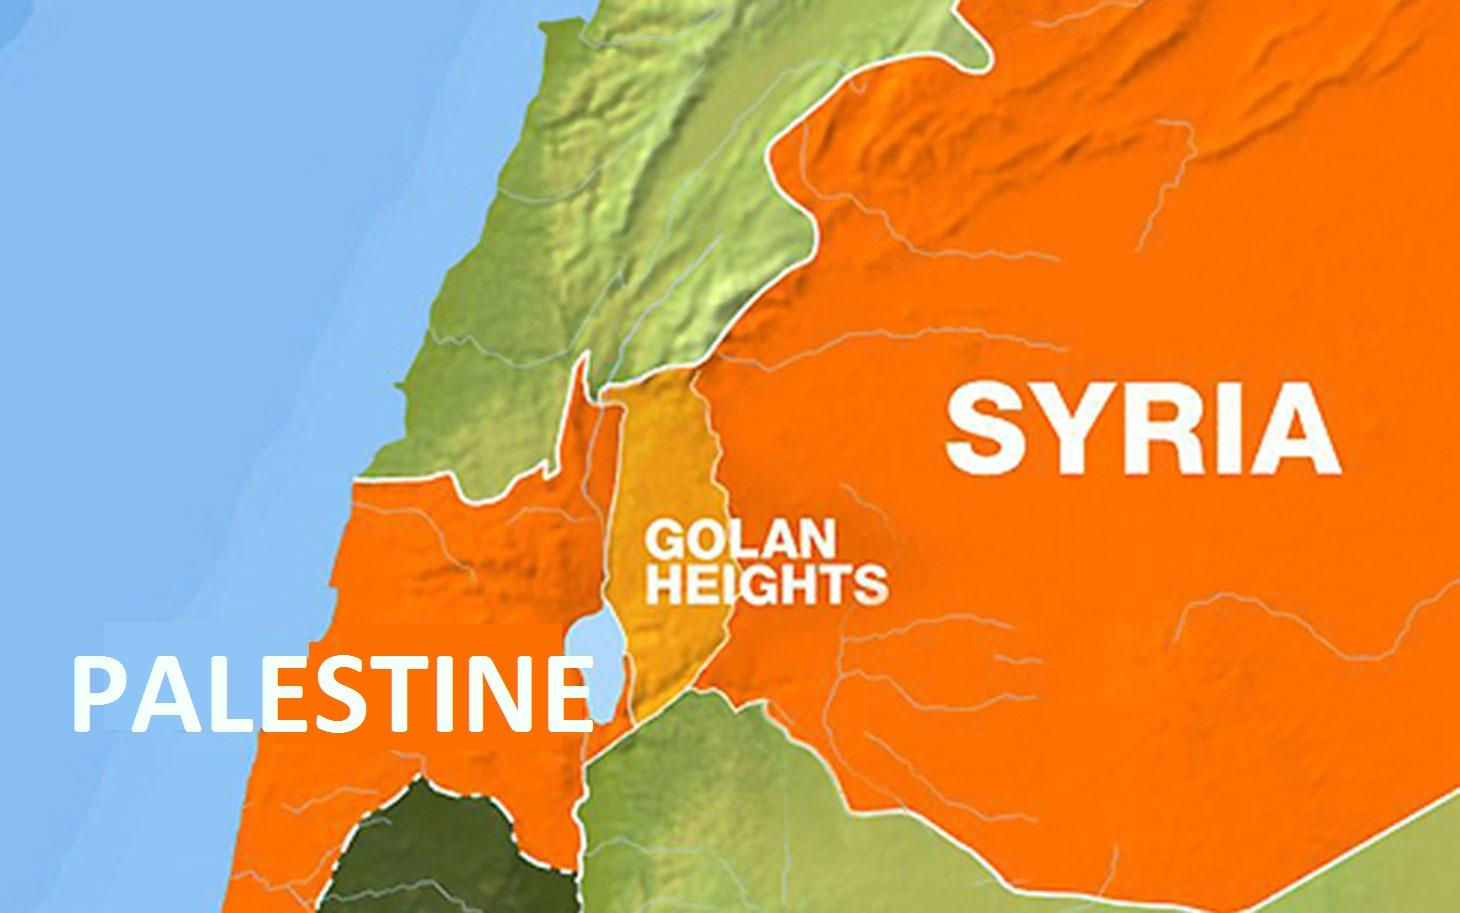 مقام صهیونیست: دولت ترامپ به زودی حاکمیت اسراییل بر بلندیهای جولان را به رسمیت خواهد شناخت